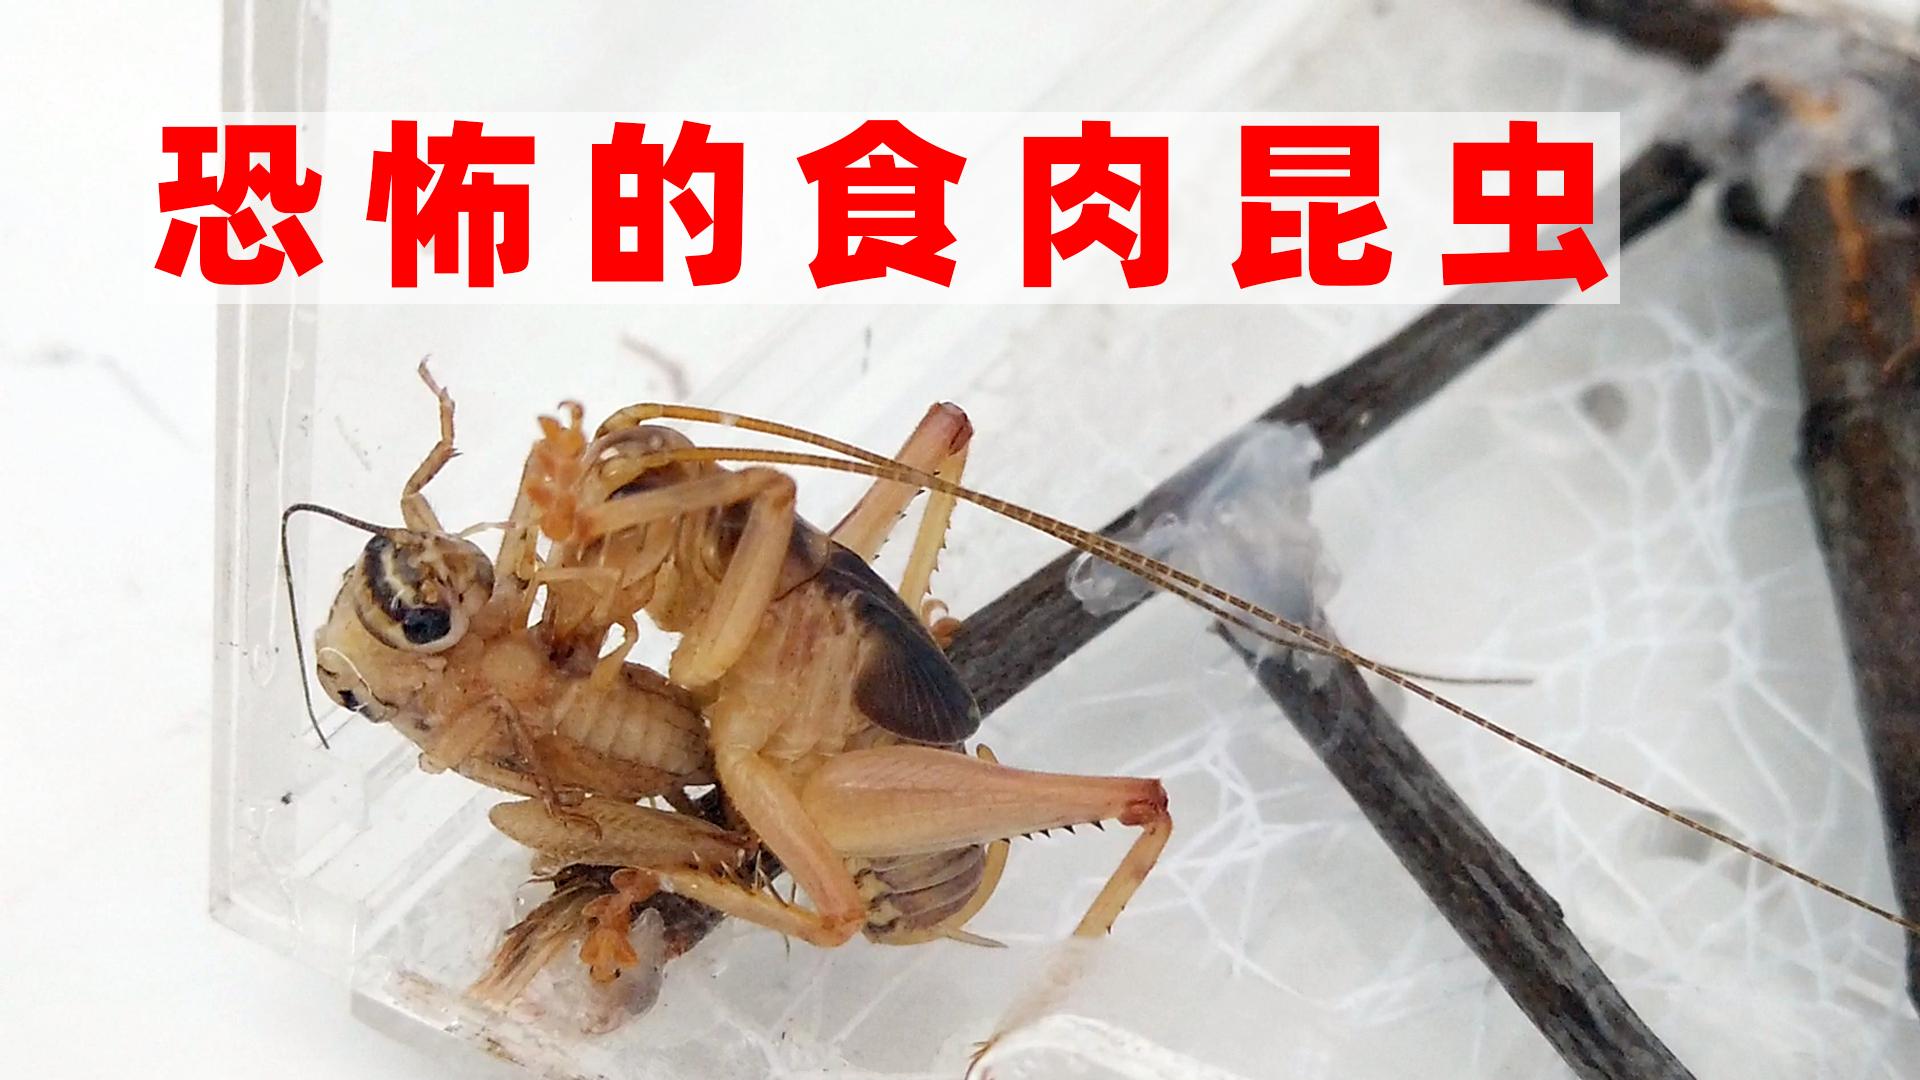 恐怖的食肉昆虫,大块吃肉,太凶了!